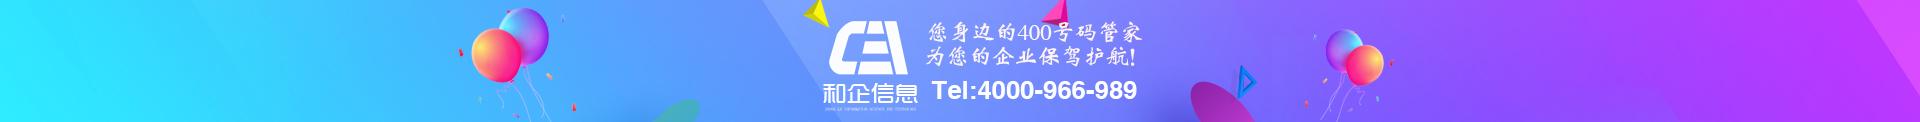 您身边的福州400电话号码管家,为您的企业保驾护航!